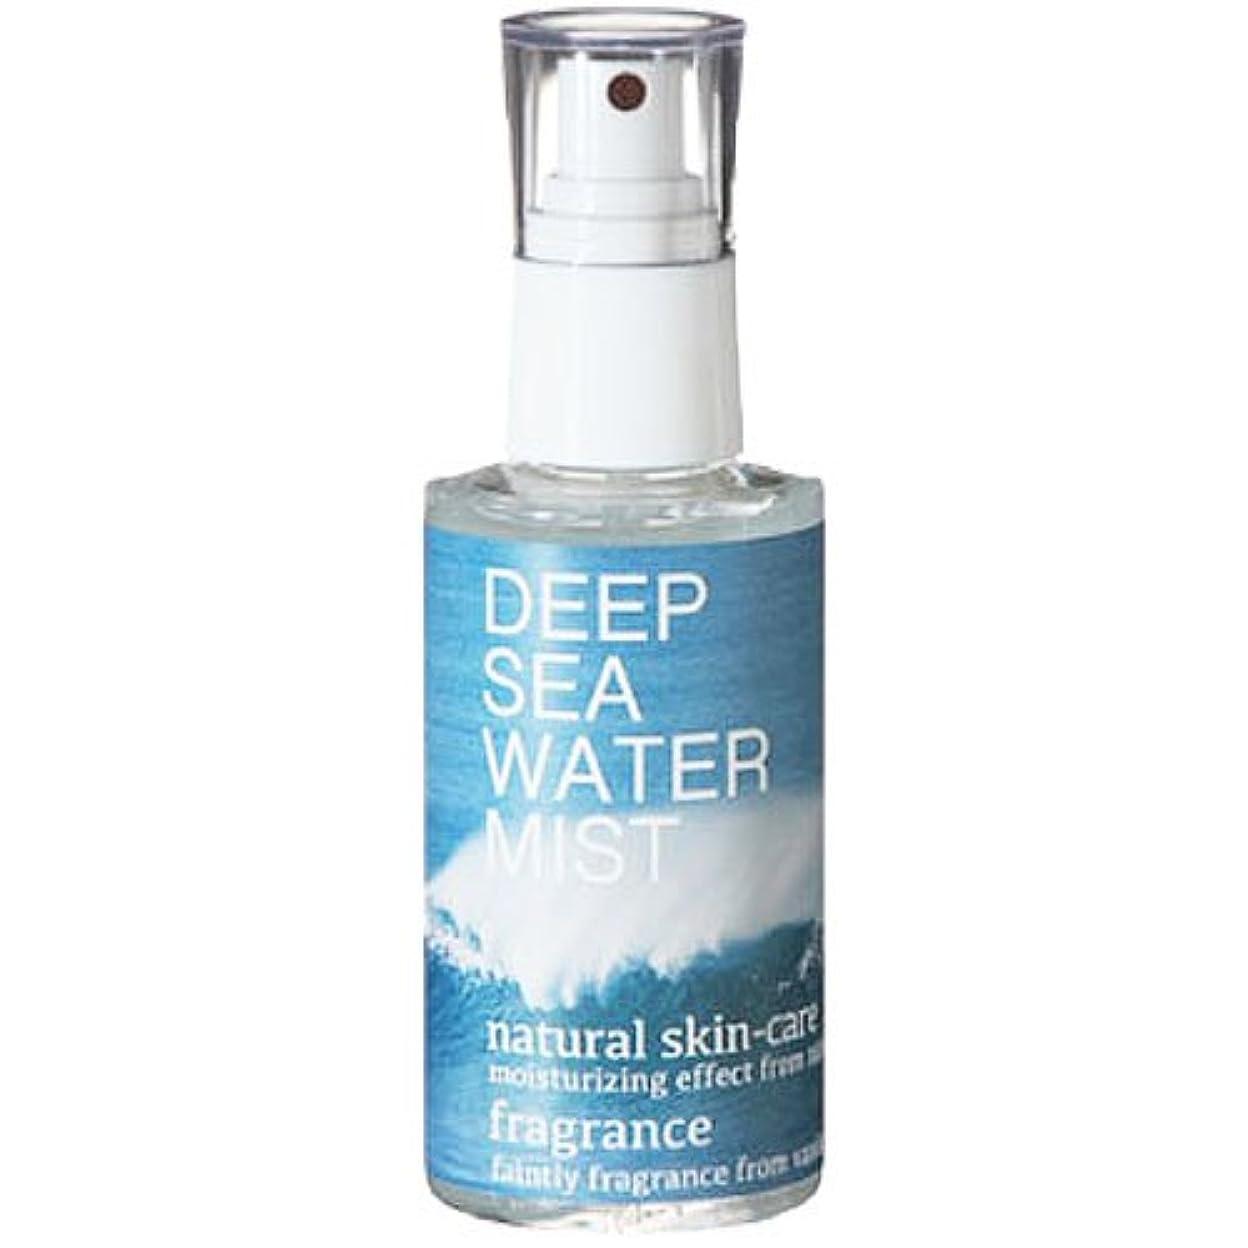 パネル遠近法たるみメディワン  ナチュラルミスト  DEEP SEA WATER MIST(ディープシーウォーターミスト)  120ml